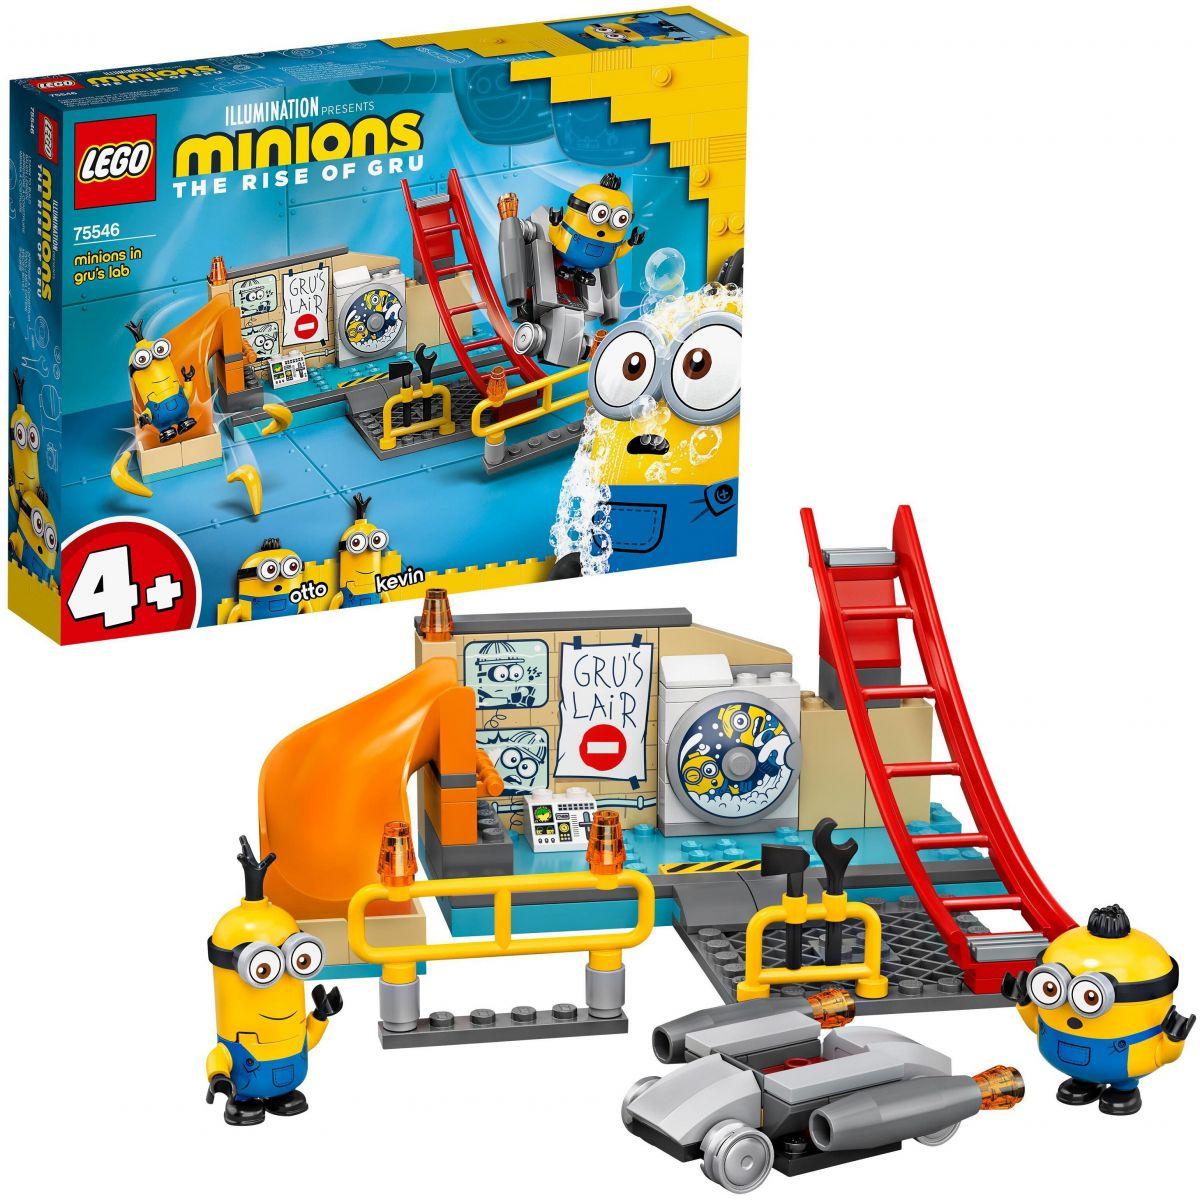 LEGO® Minions 75546 Mimoni v Gruově laboratoři